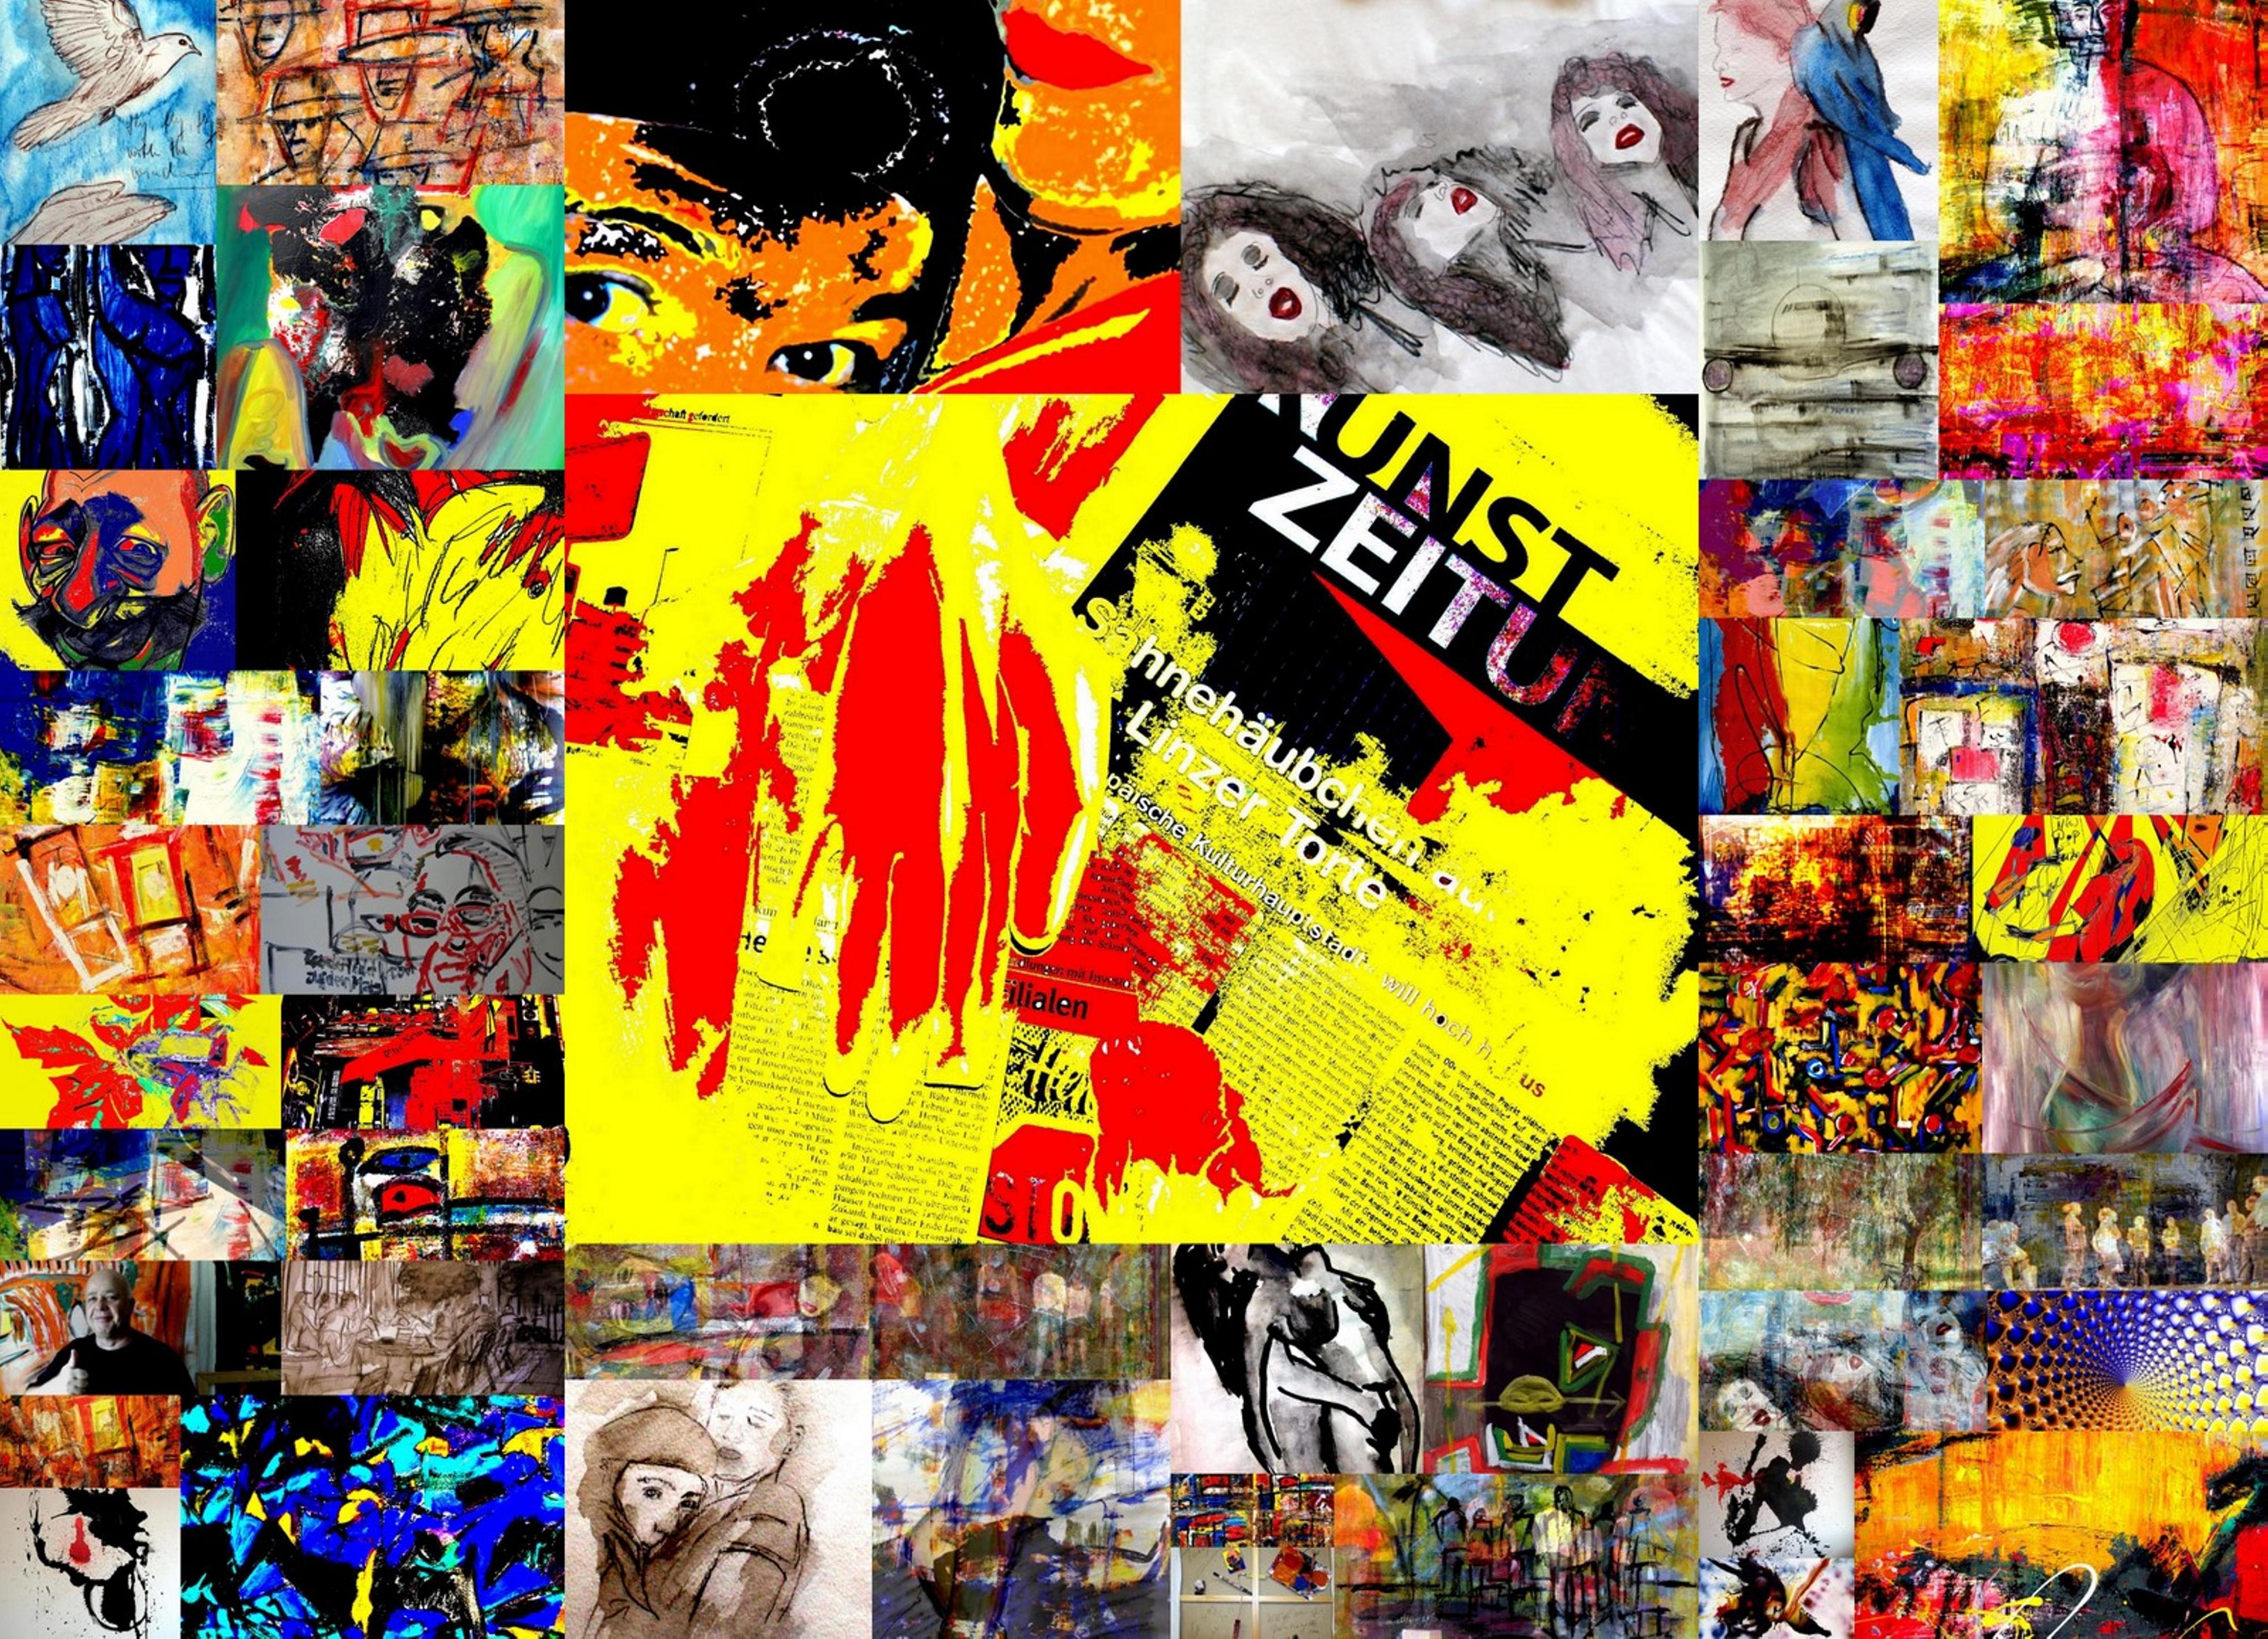 kunstkalender | Kunstverein ART Baden-Baden e.V.